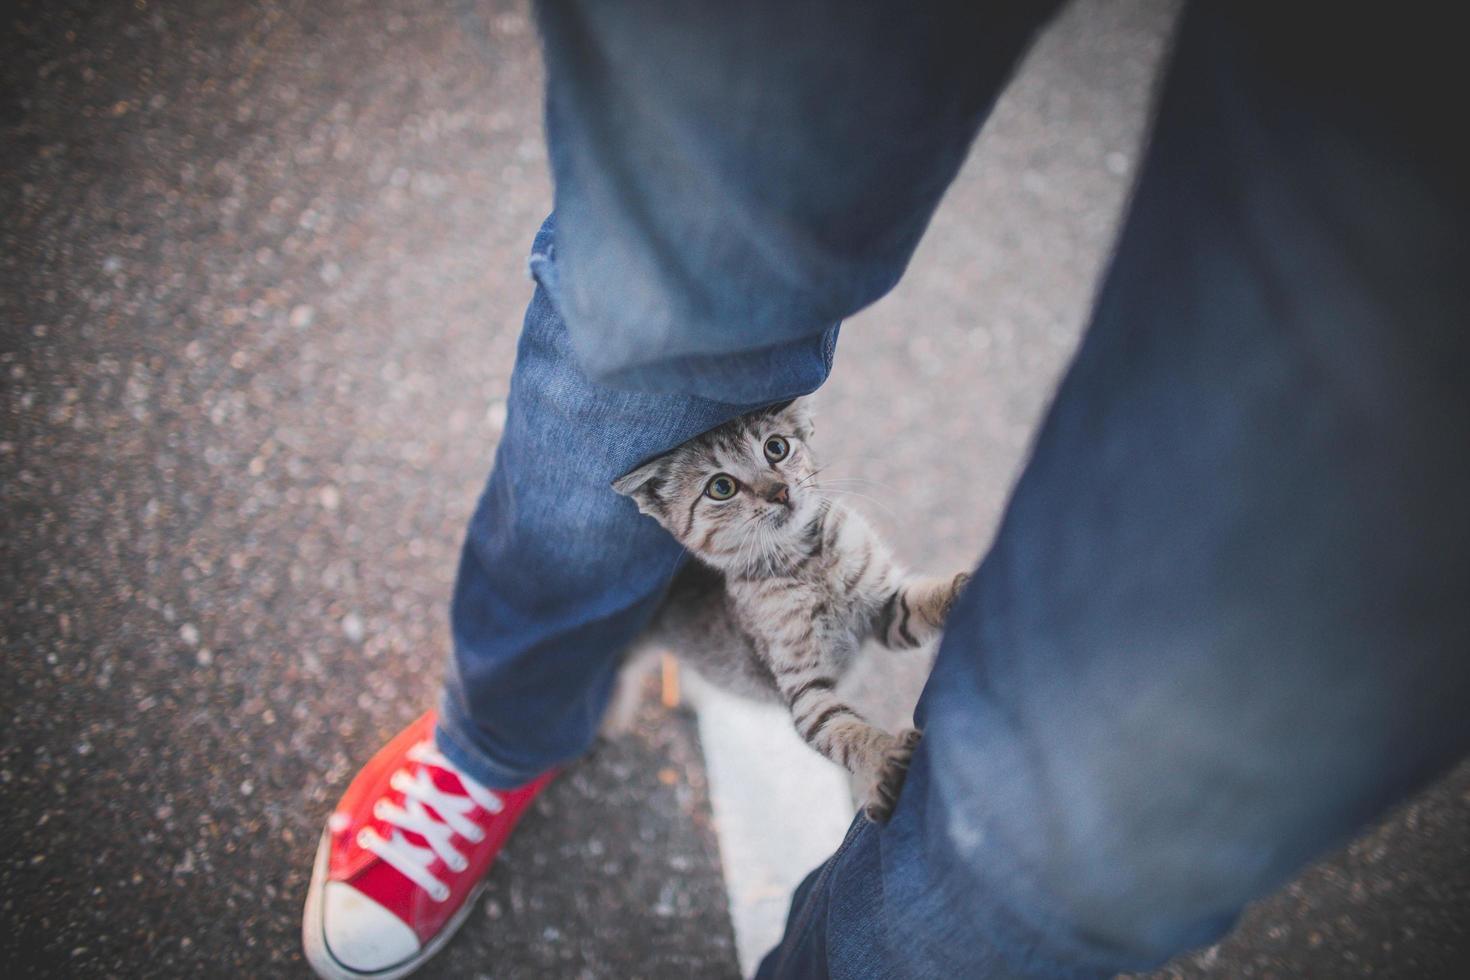 gatto sulle gambe della persona con jeans e scarpe da tennis foto